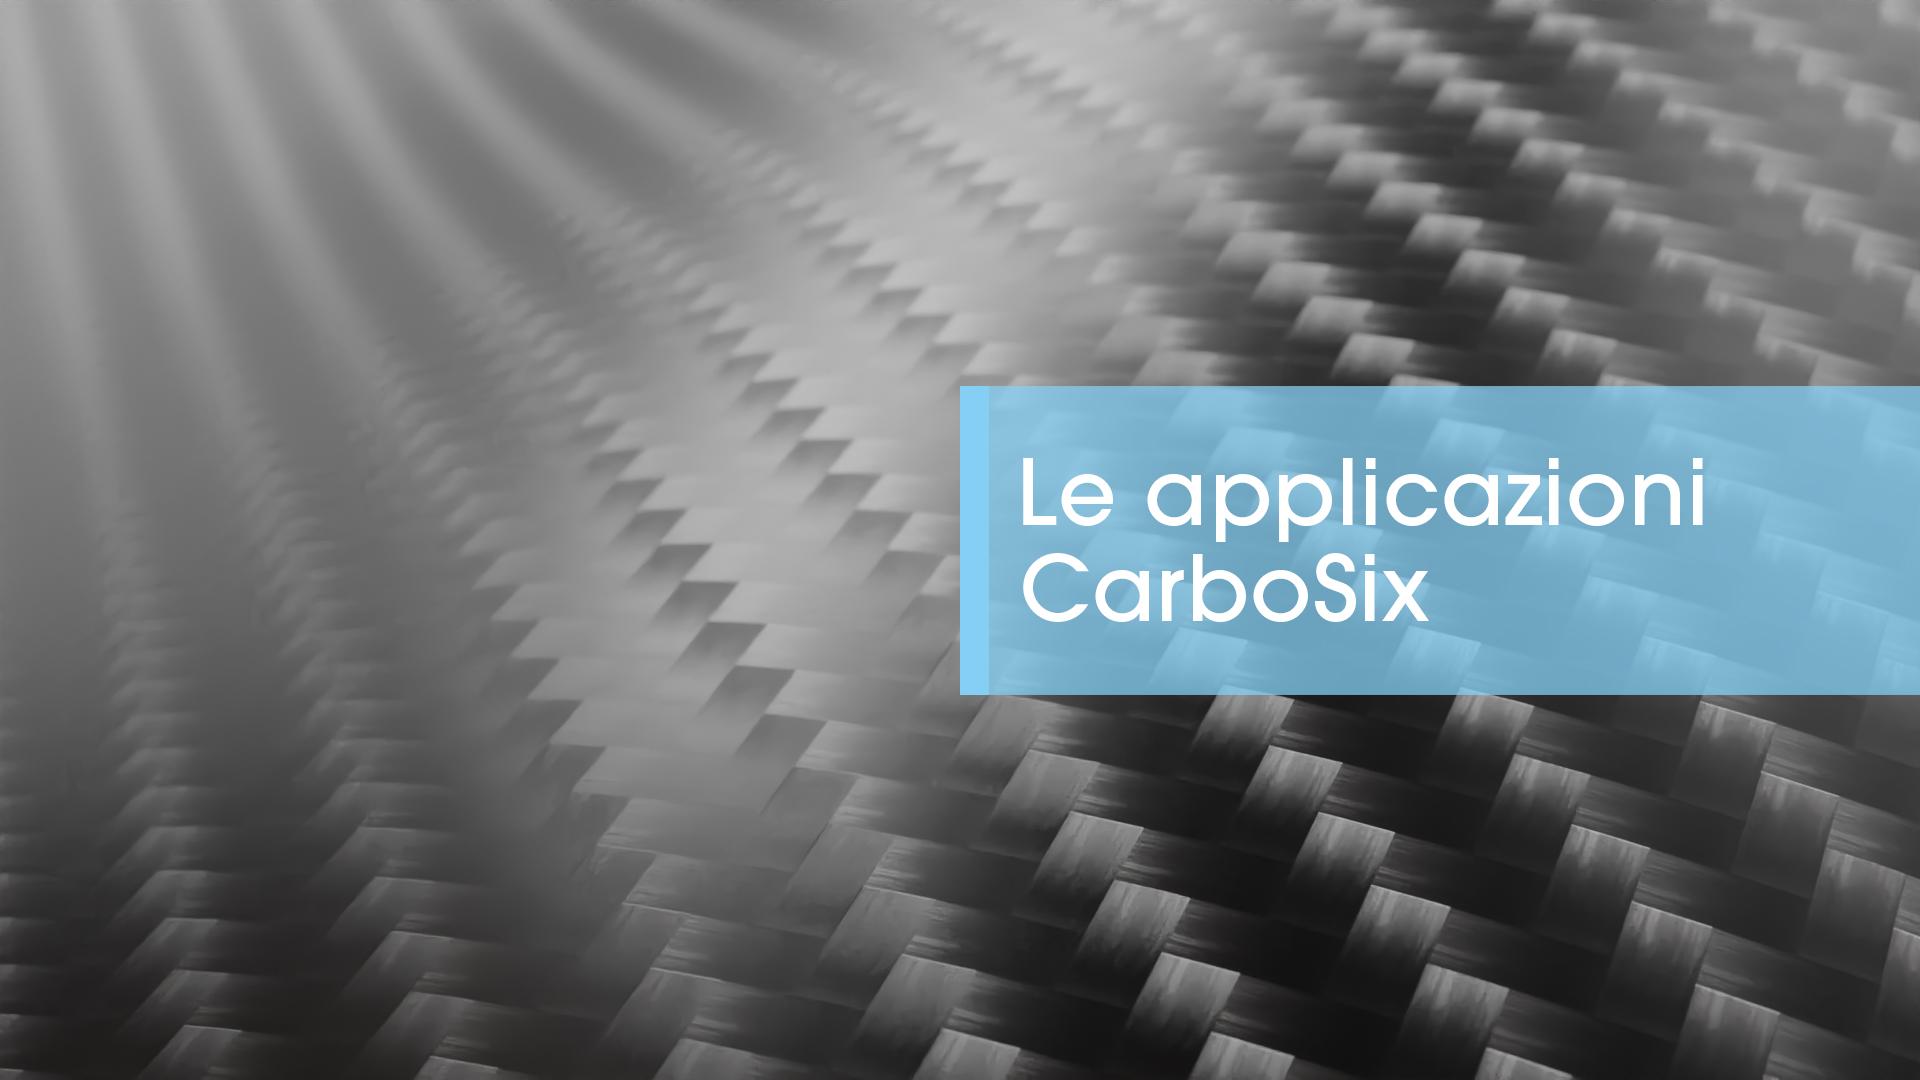 Applicazioni carbosix